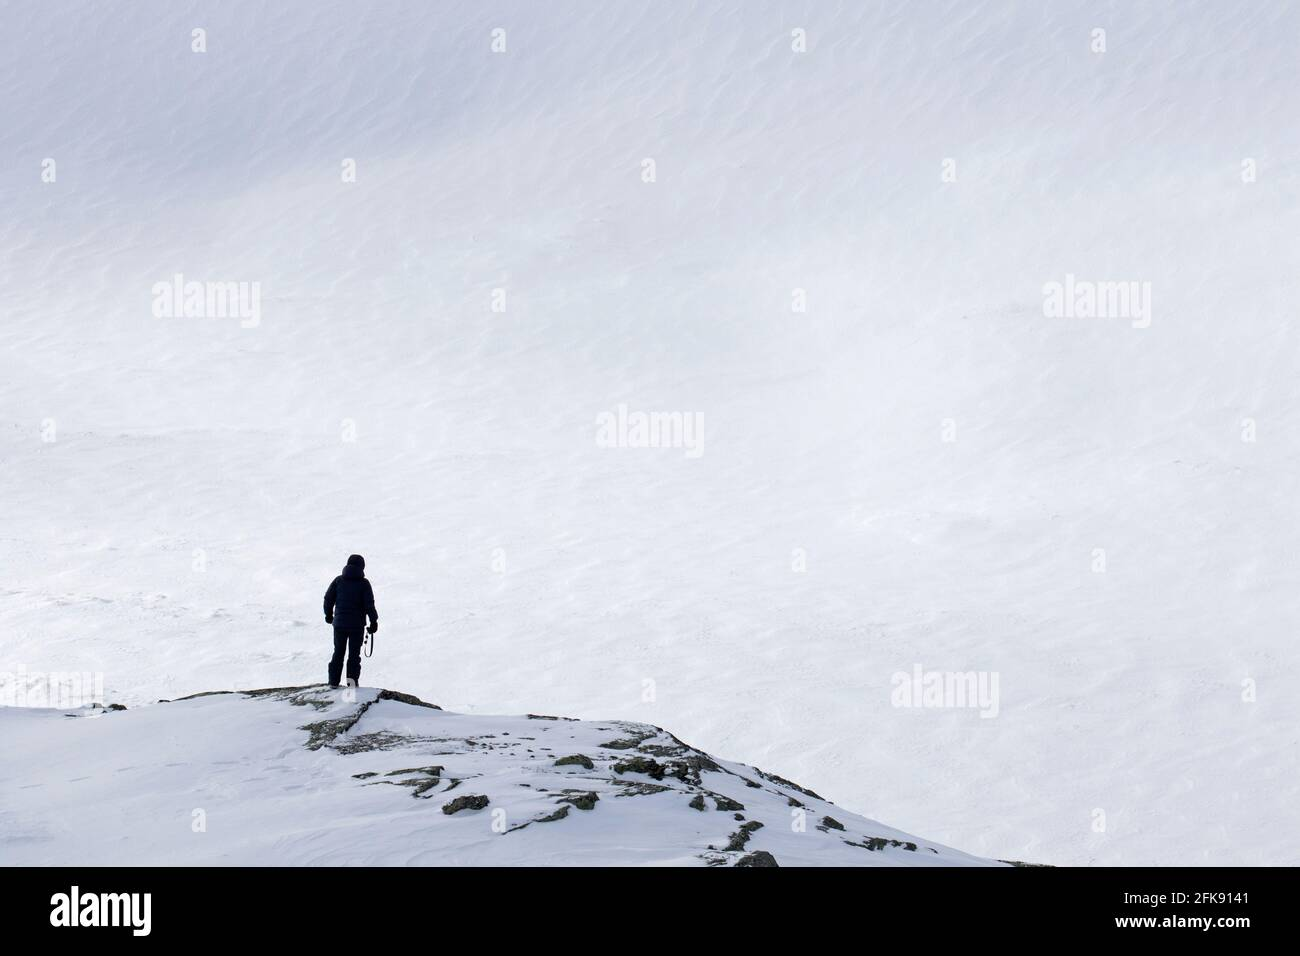 Turista solitaria mirando sobre la llanura cubierta de nieve en el Parque Nacional Dovrefjell–Sunndalsfjella en invierno, Noruega Foto de stock